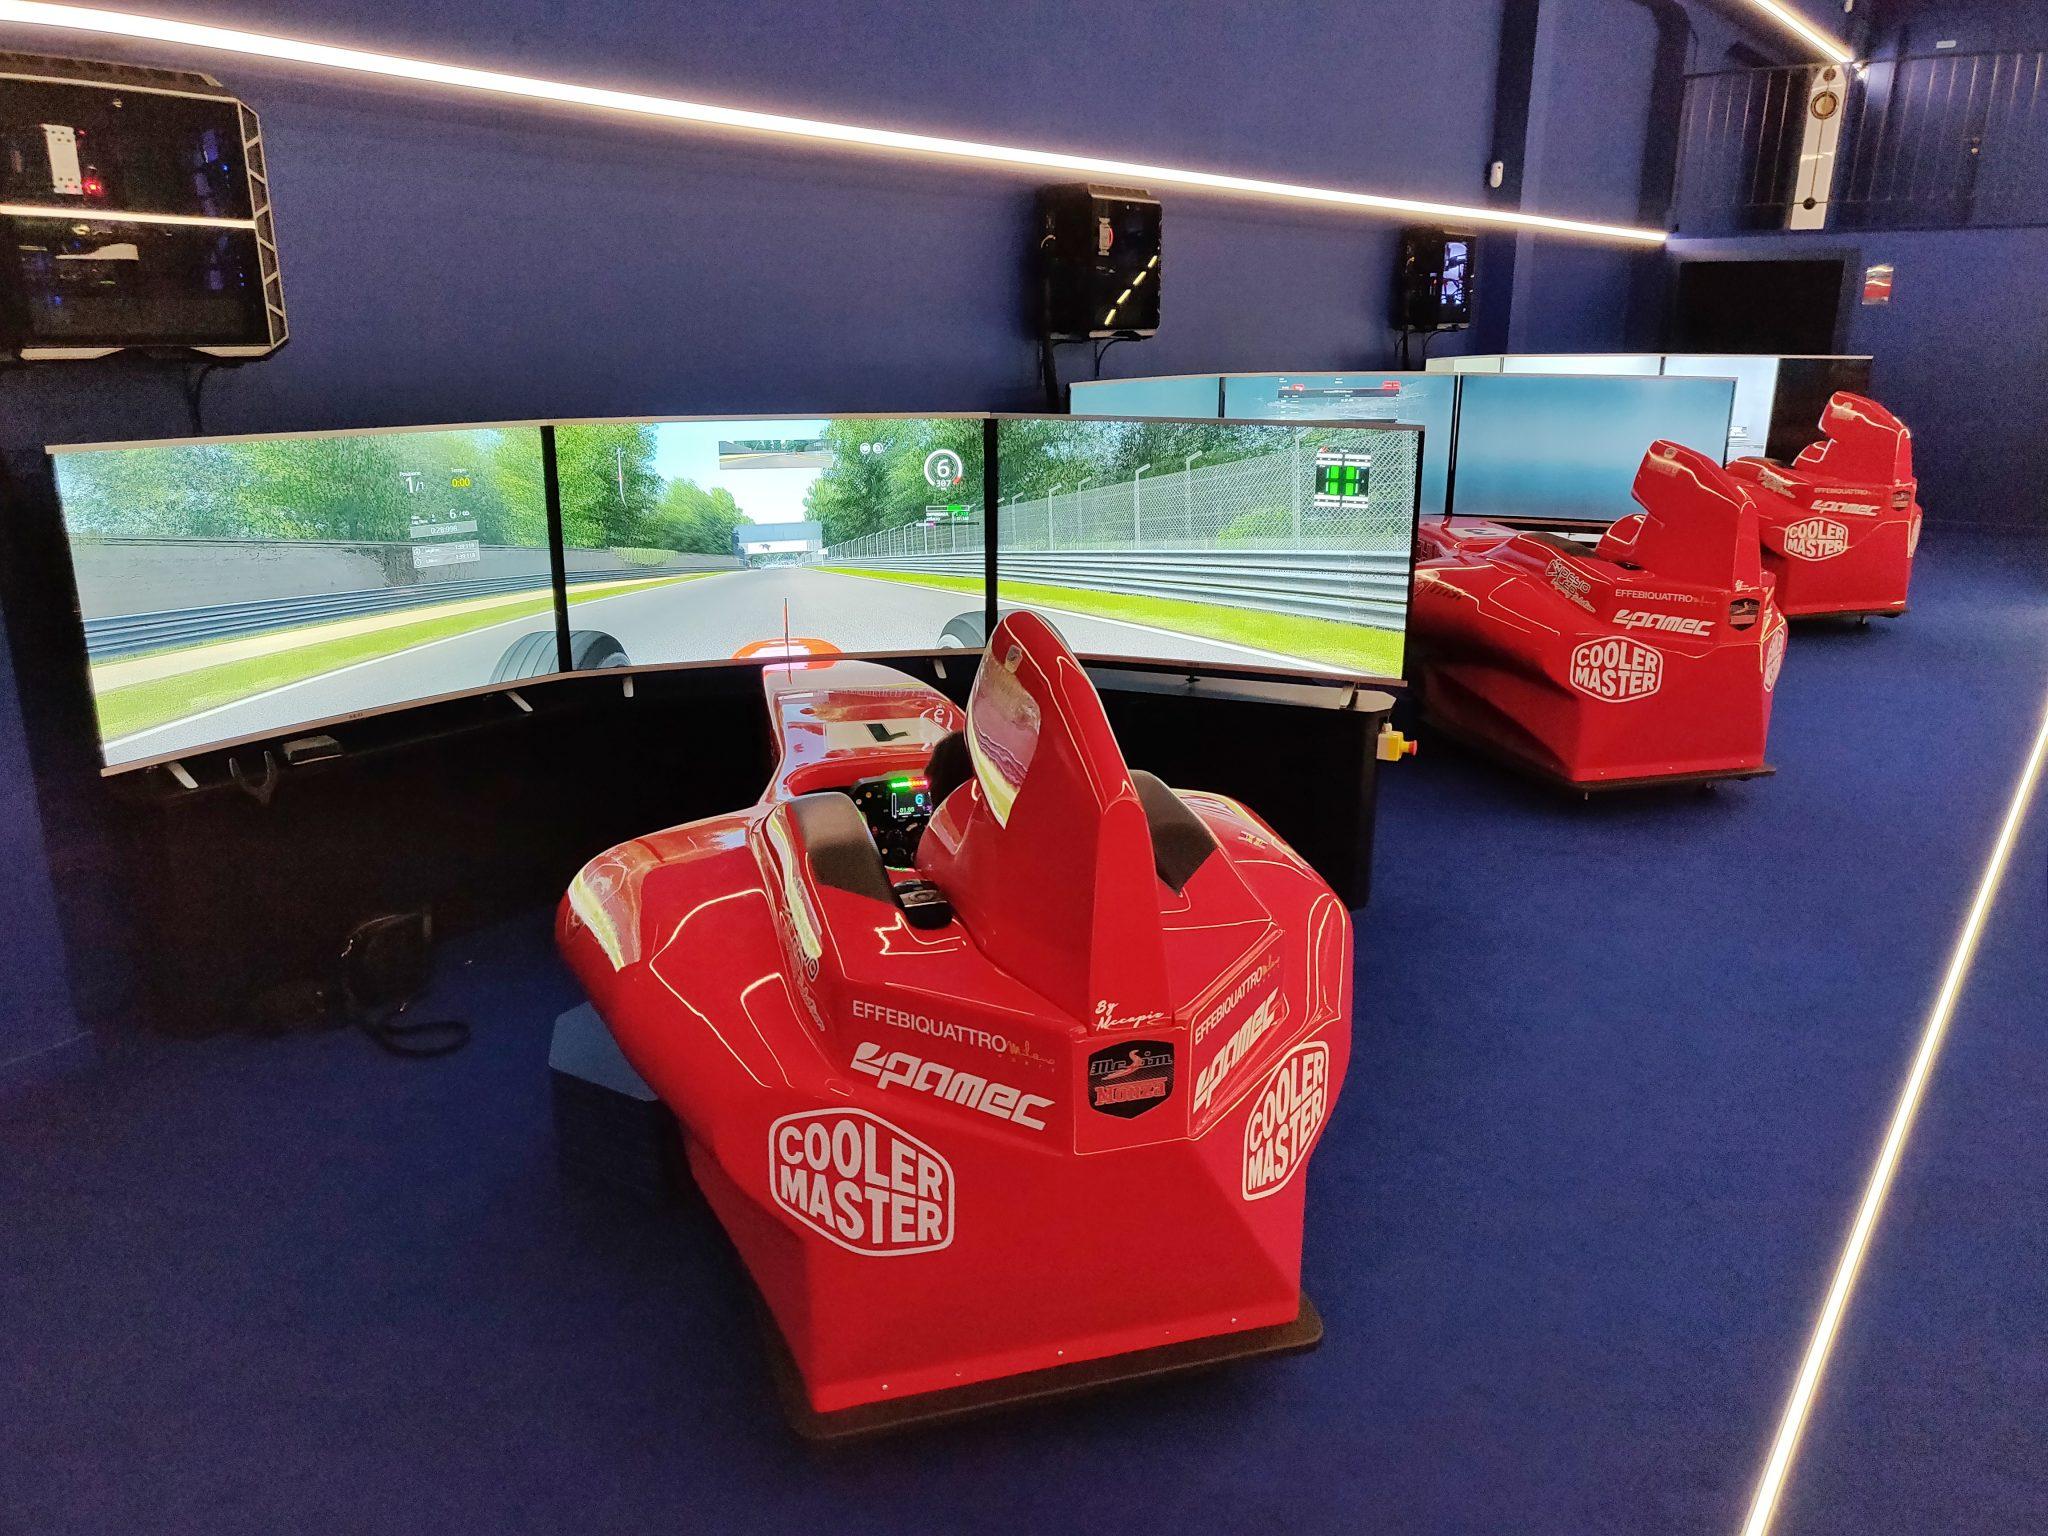 mcsim simulatore realtà virtuale benessere tecnologico laura fasano pilota monza milano